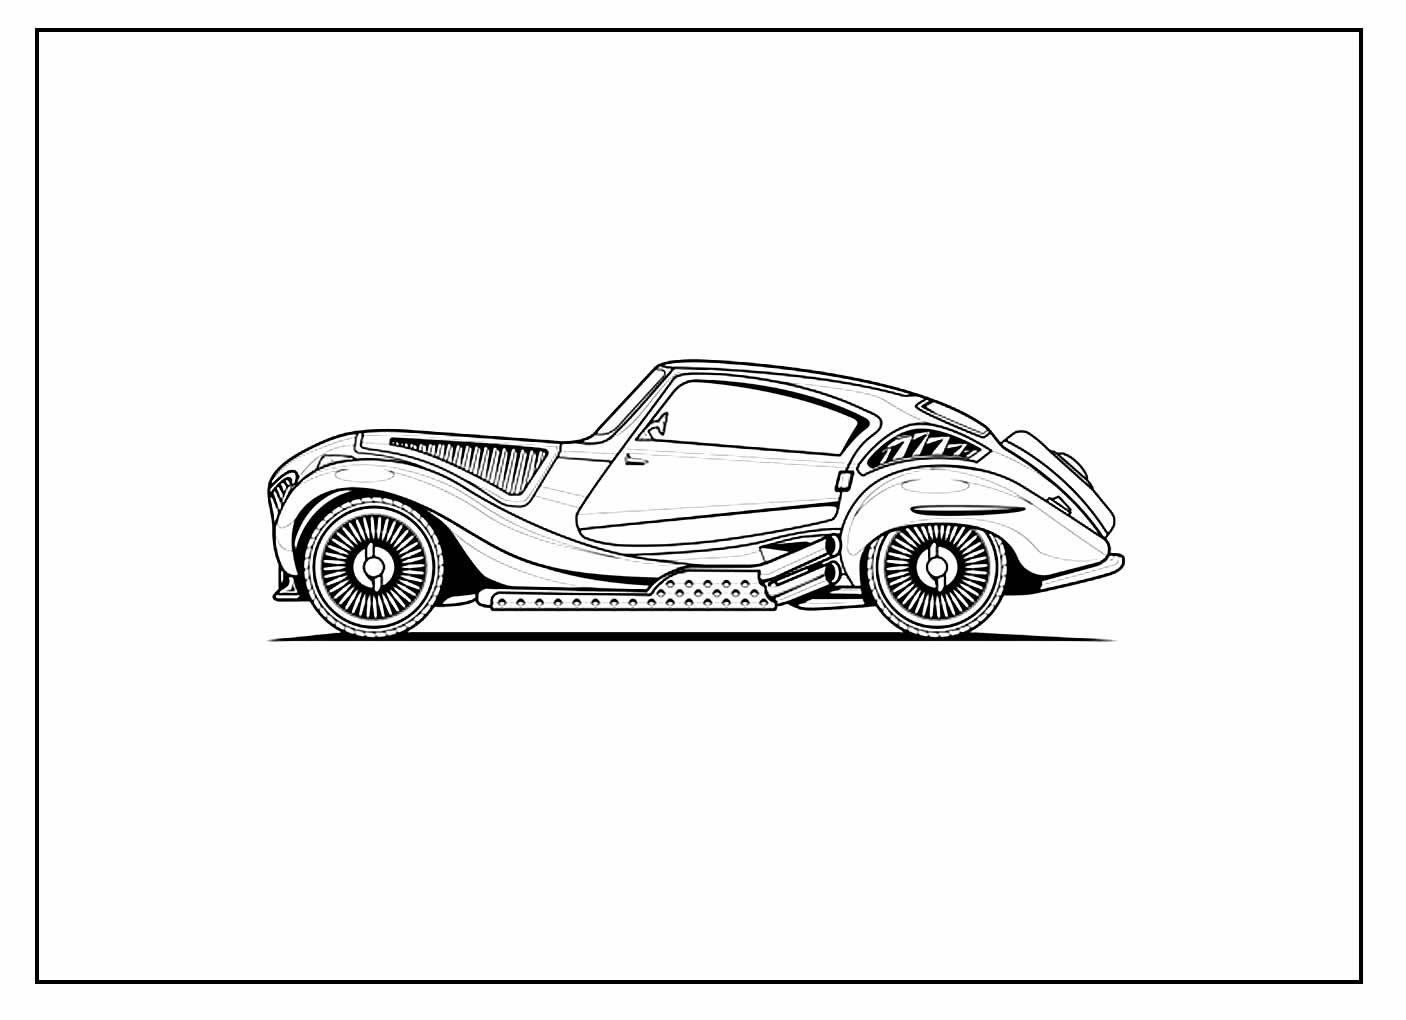 Página para colorir de Carro